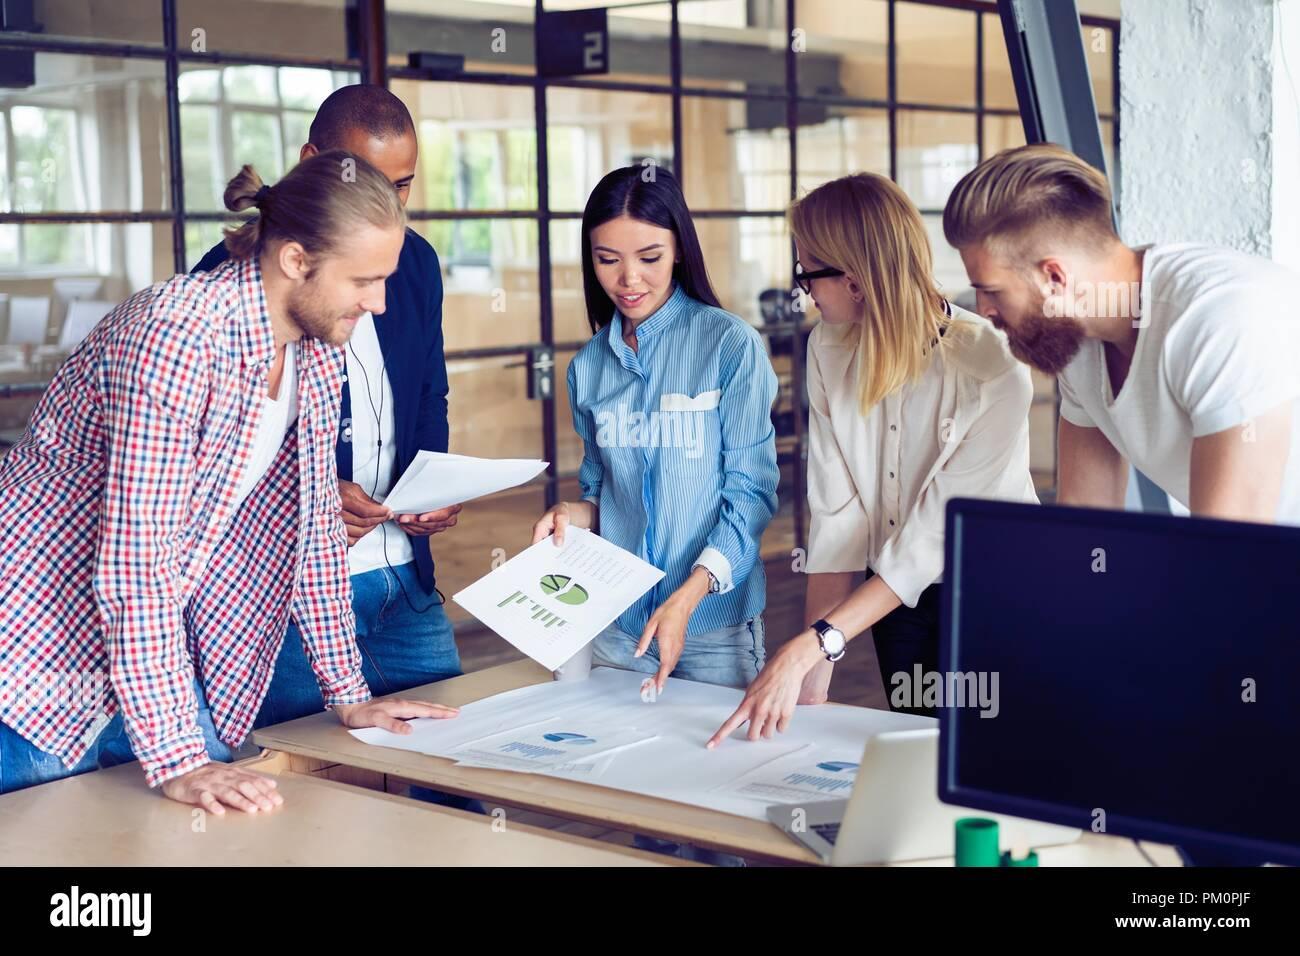 Erfolgreiches Team. Gruppe junger Geschäftsleute arbeiten und miteinander kommunizieren im Creative Office. Stockbild